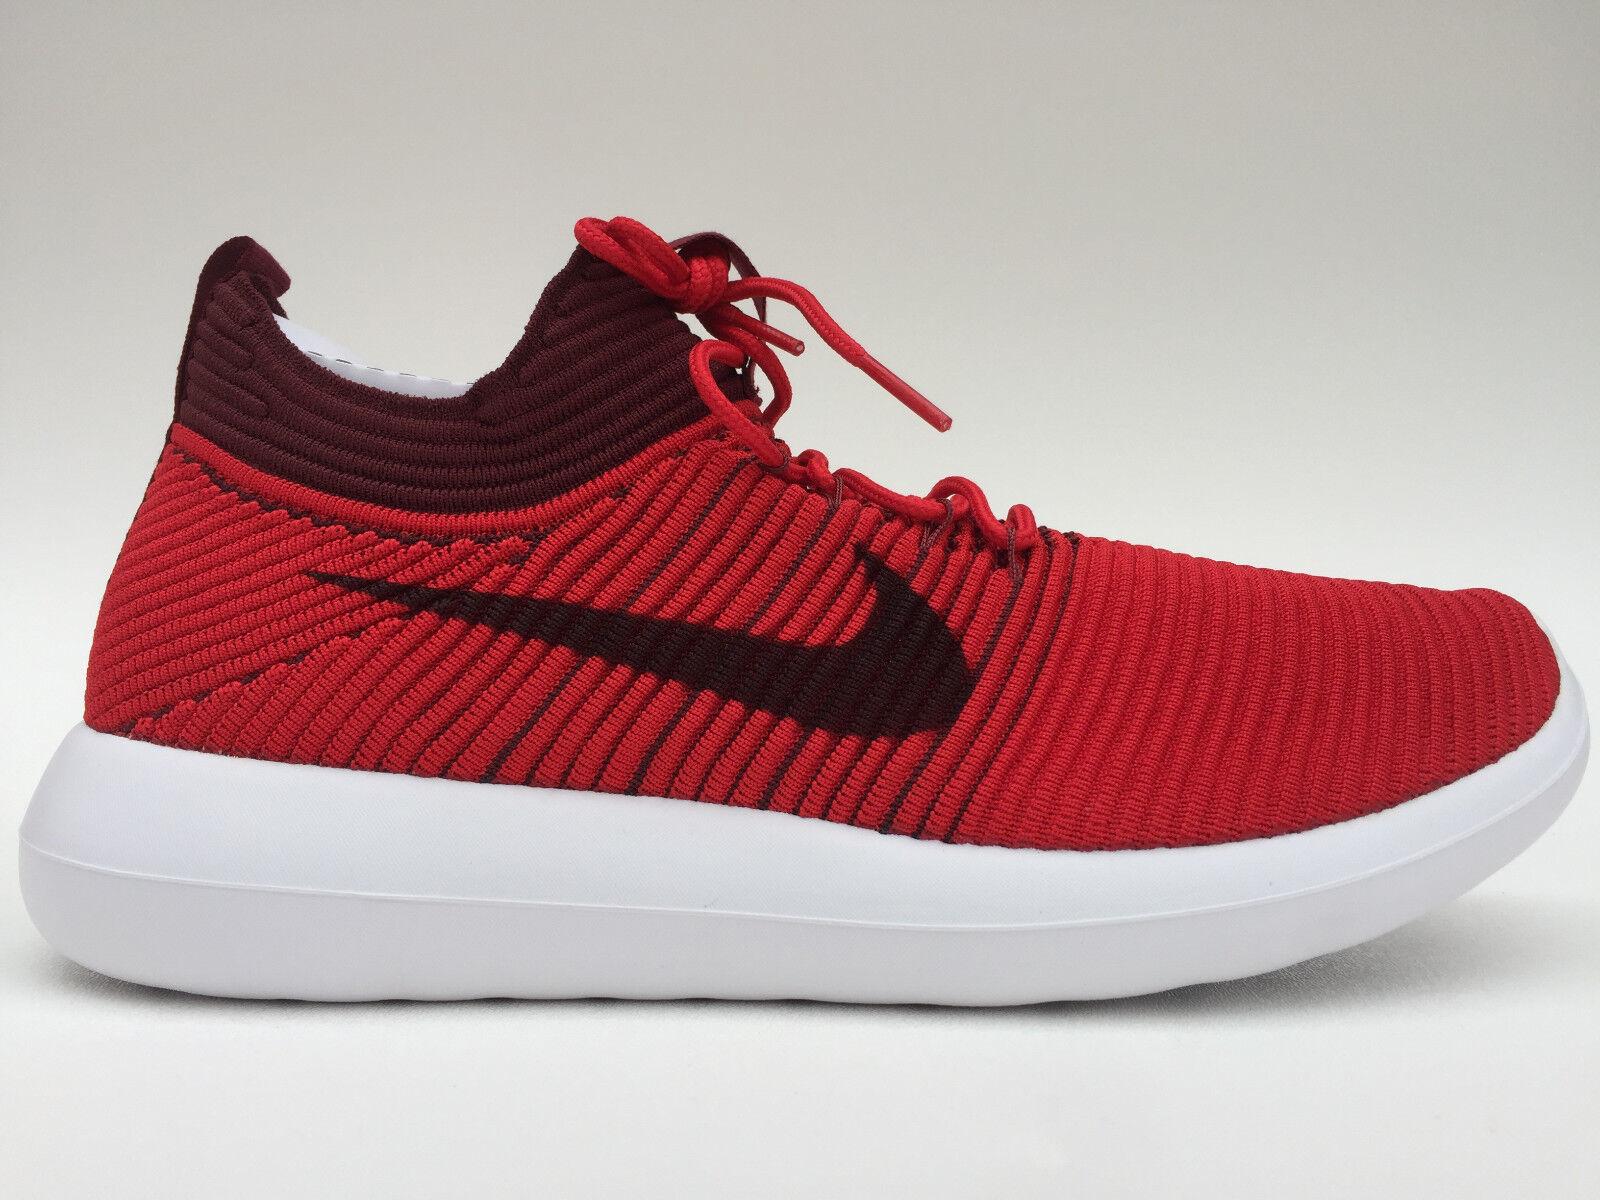 Para hombres Nike Roshe dos Flyknit V2 Zapatillas Tamaño 9.512 Rojo V2 Flyknit (918263 600) 46438d